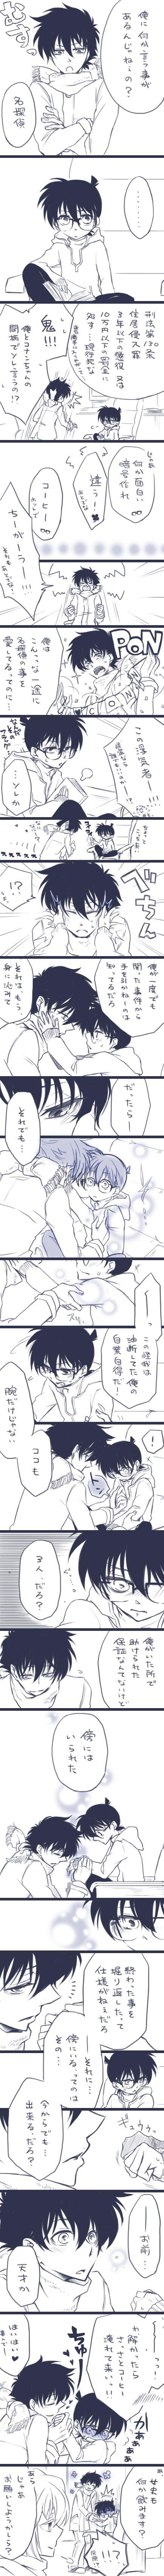 「【K(快)コ】手は繋げないけど、」/「sakita」の漫画 [pixiv]